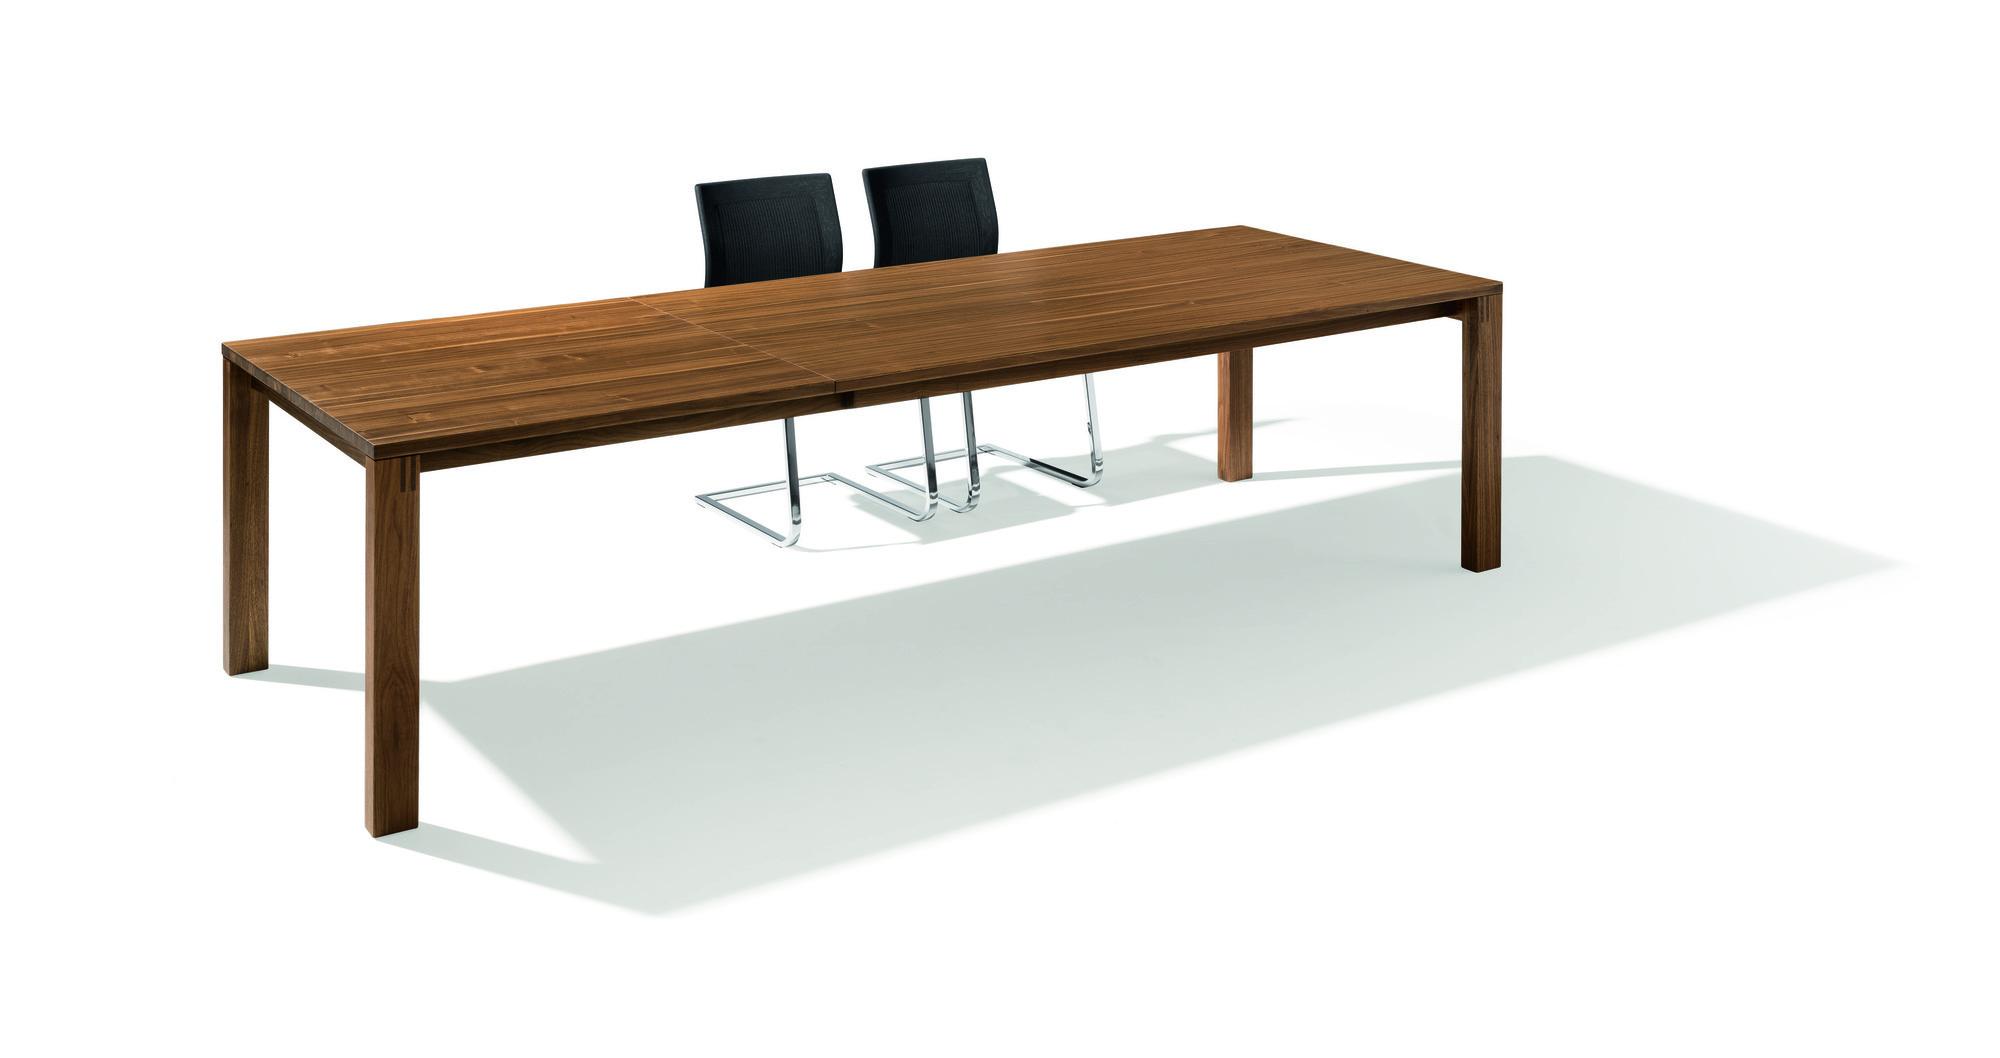 1547823085-essen-table-rallonge-magnum-de-team-7_6.jpg